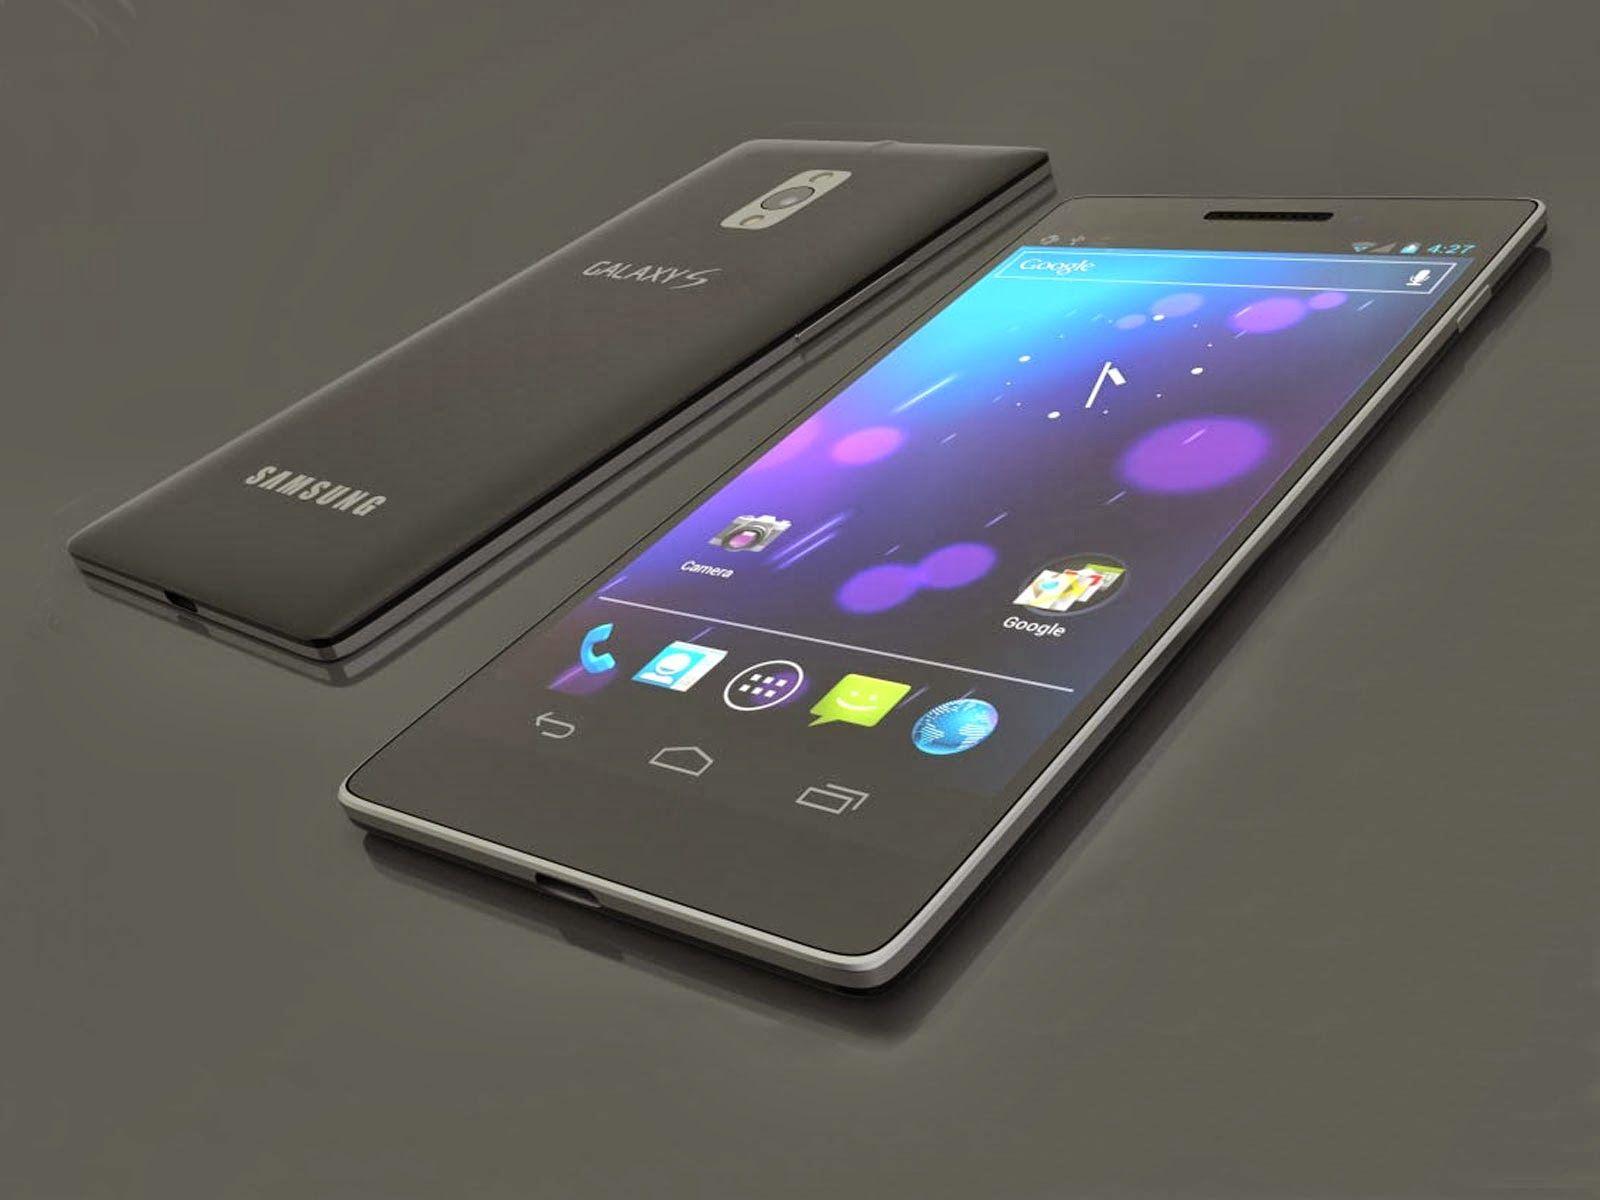 Harga HP Samsung Galaxy Terbaru 2014 HP Samsung Android terbaru Harga Tab Terbaru Samsung daftar ponsel samsung android